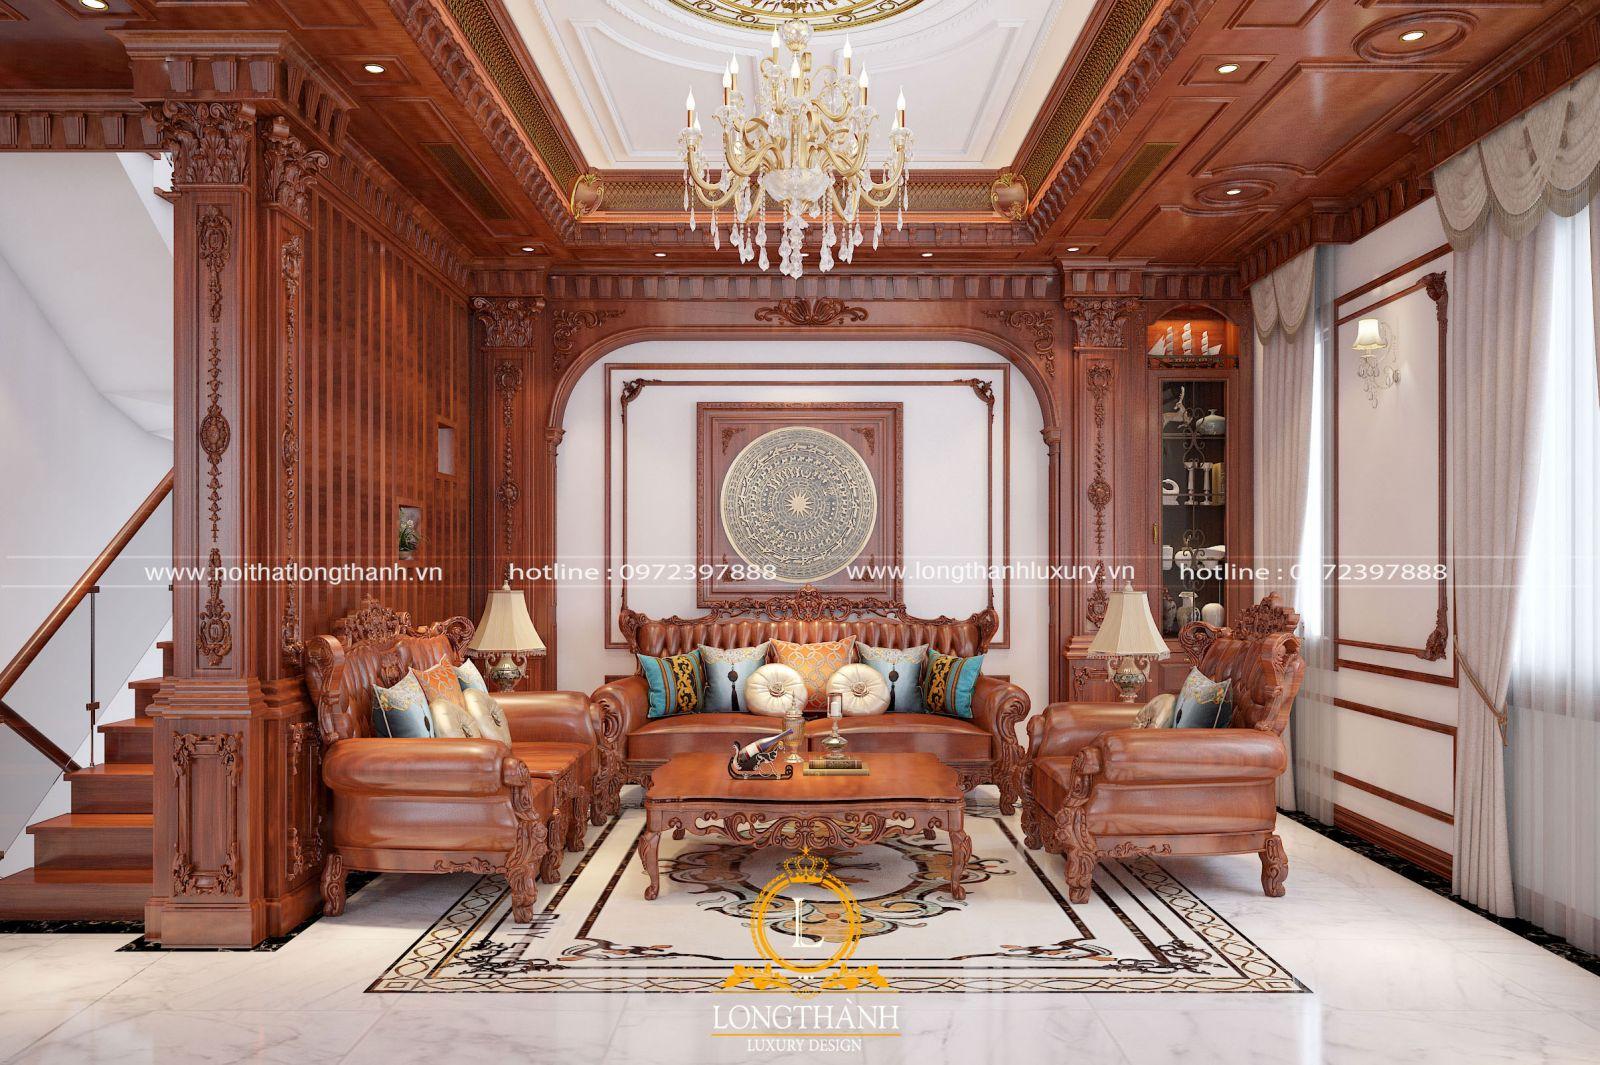 6 mẫu phòng khách biệt thự đẹp xứng tầm đẳng cấp